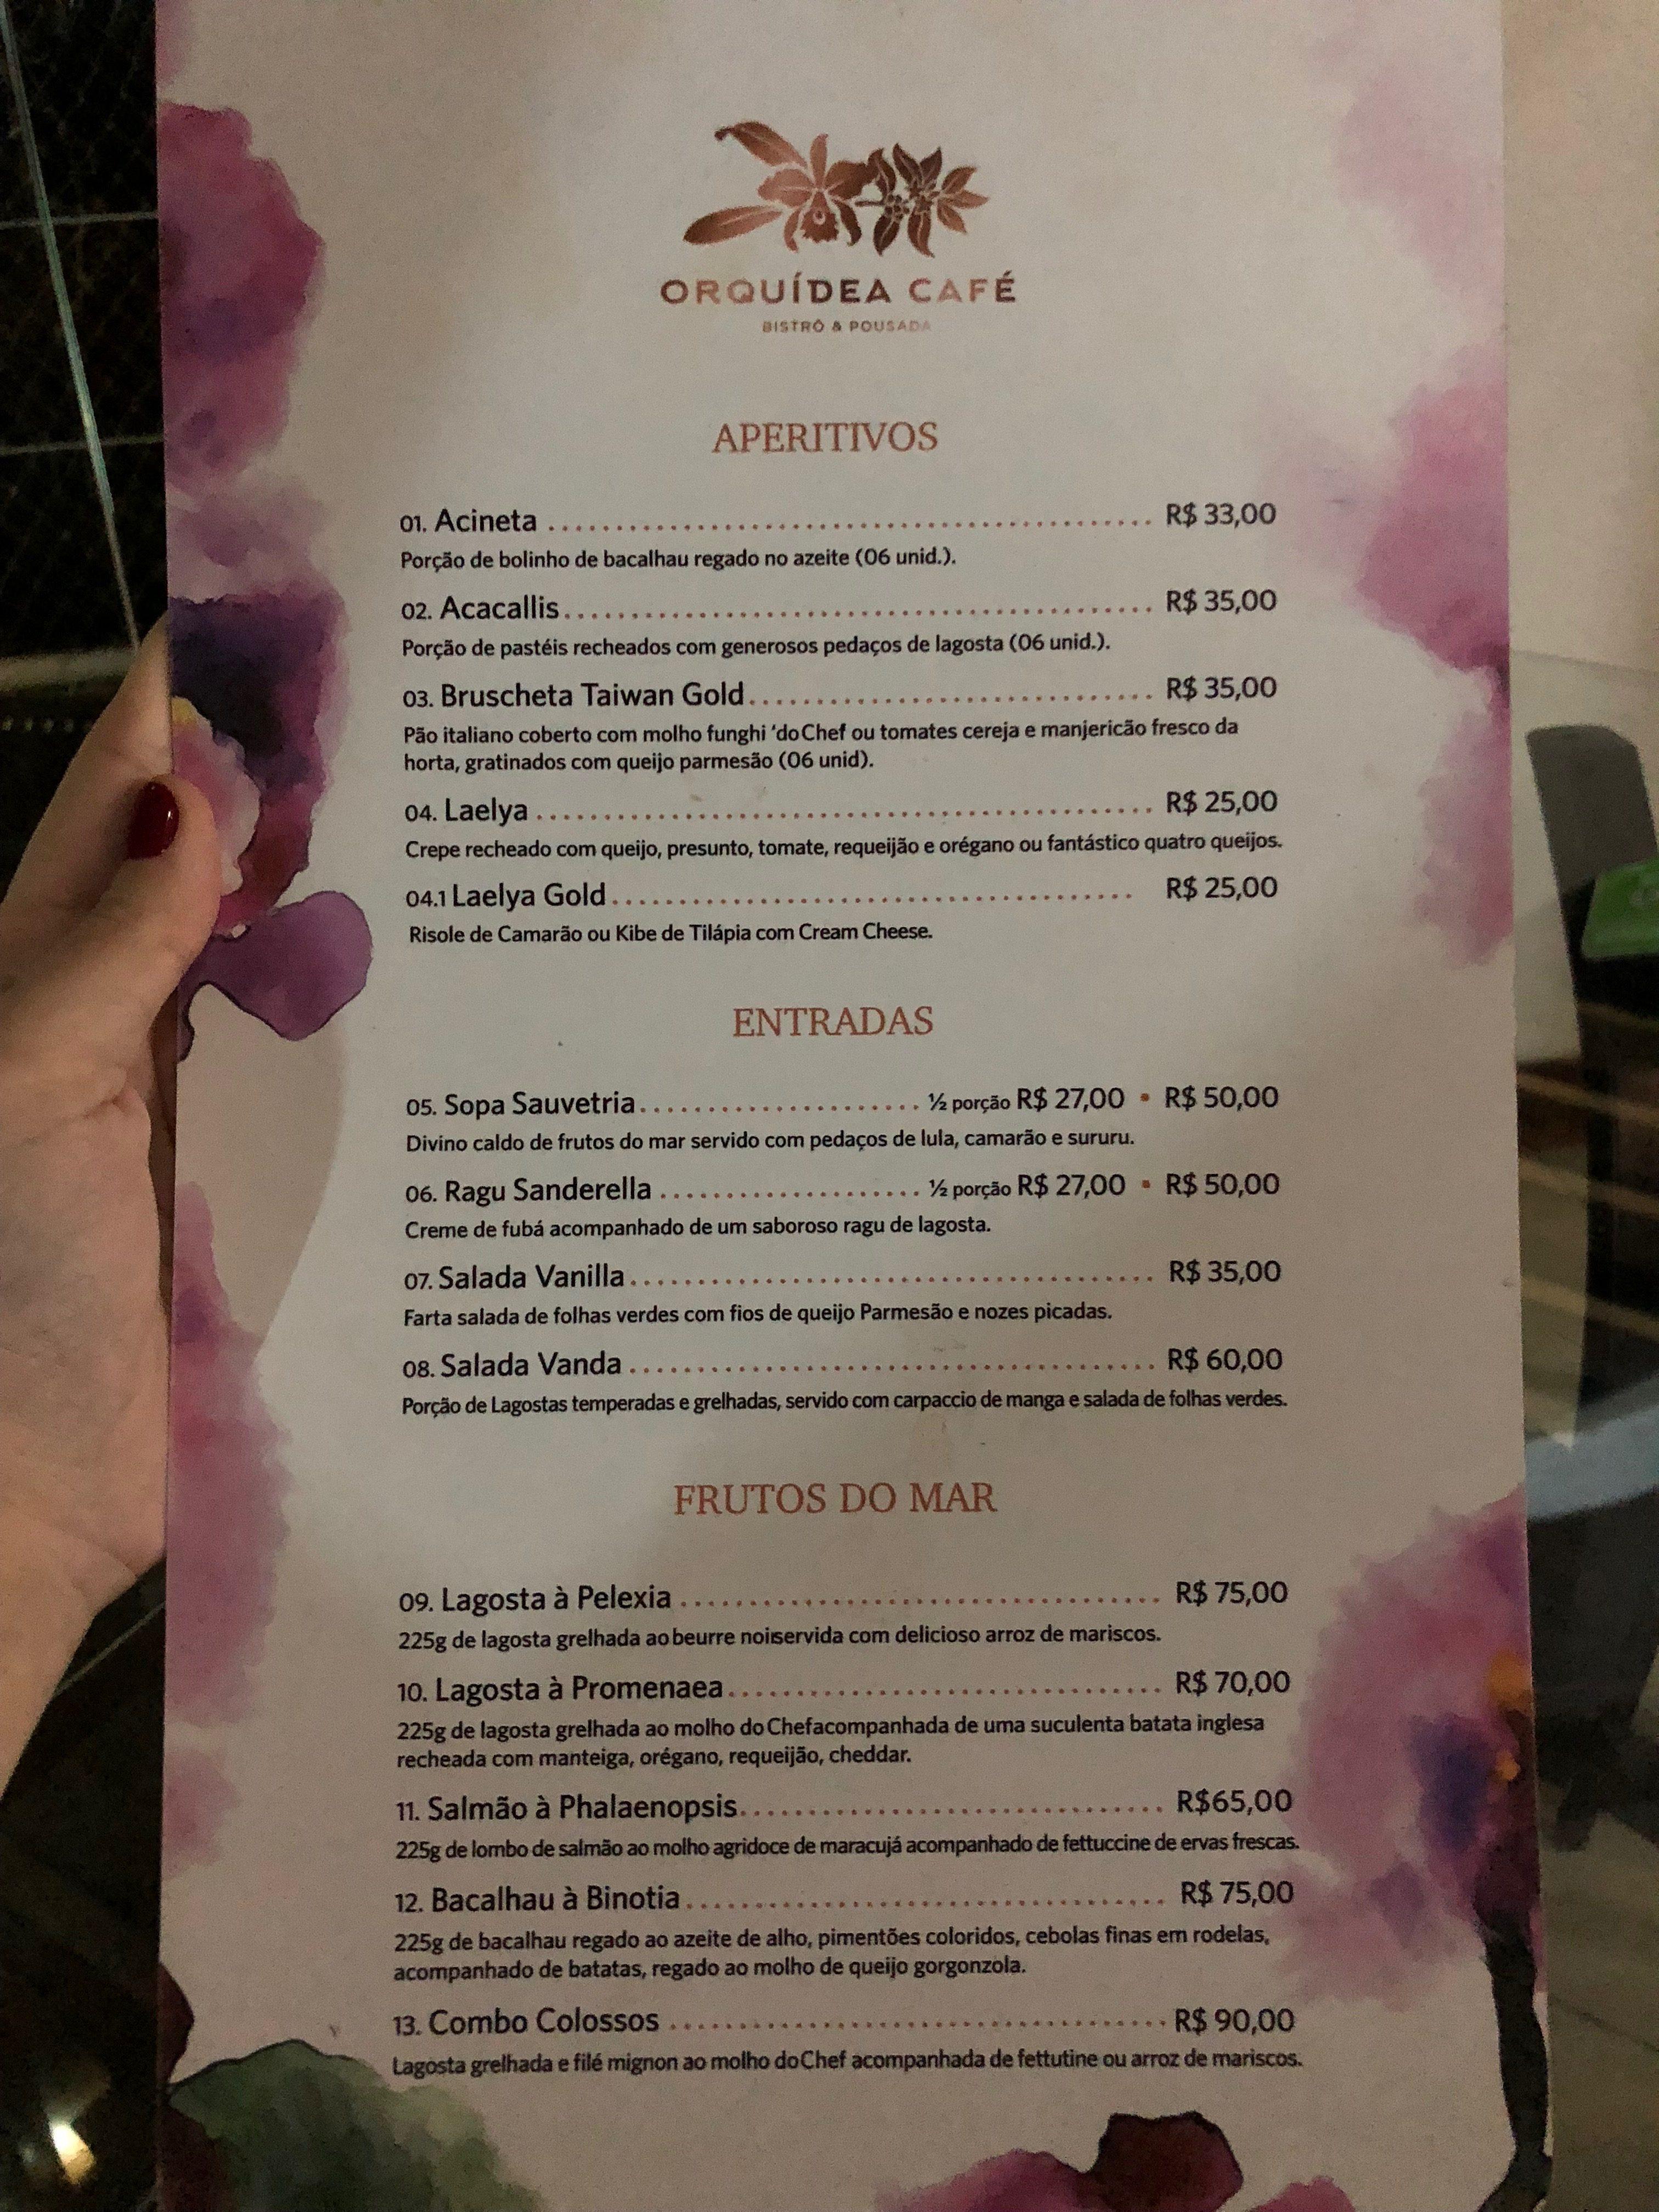 orquidea café – cardapio 1